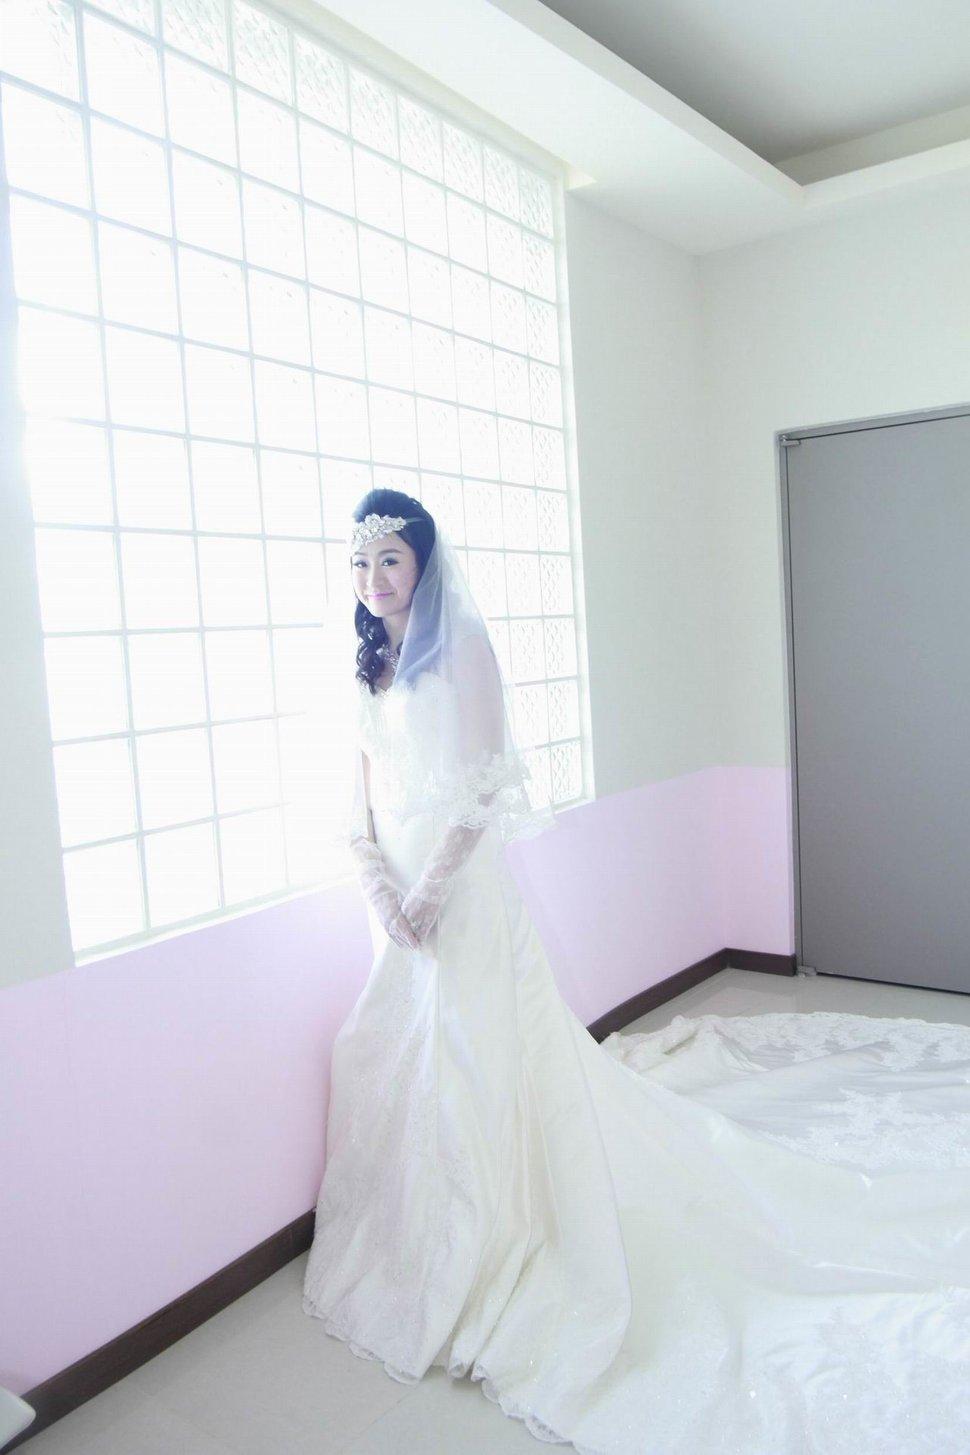 汐止那米哥餐廳婚宴會館餐廳婚攝j婚錄結婚迎娶婚禮記錄動態微電影錄影專業錄影平面攝影婚禮紀錄婚攝婚錄主持人(編號:280646) - 蜜月拍照10800錄影12800攝影團隊 - 結婚吧